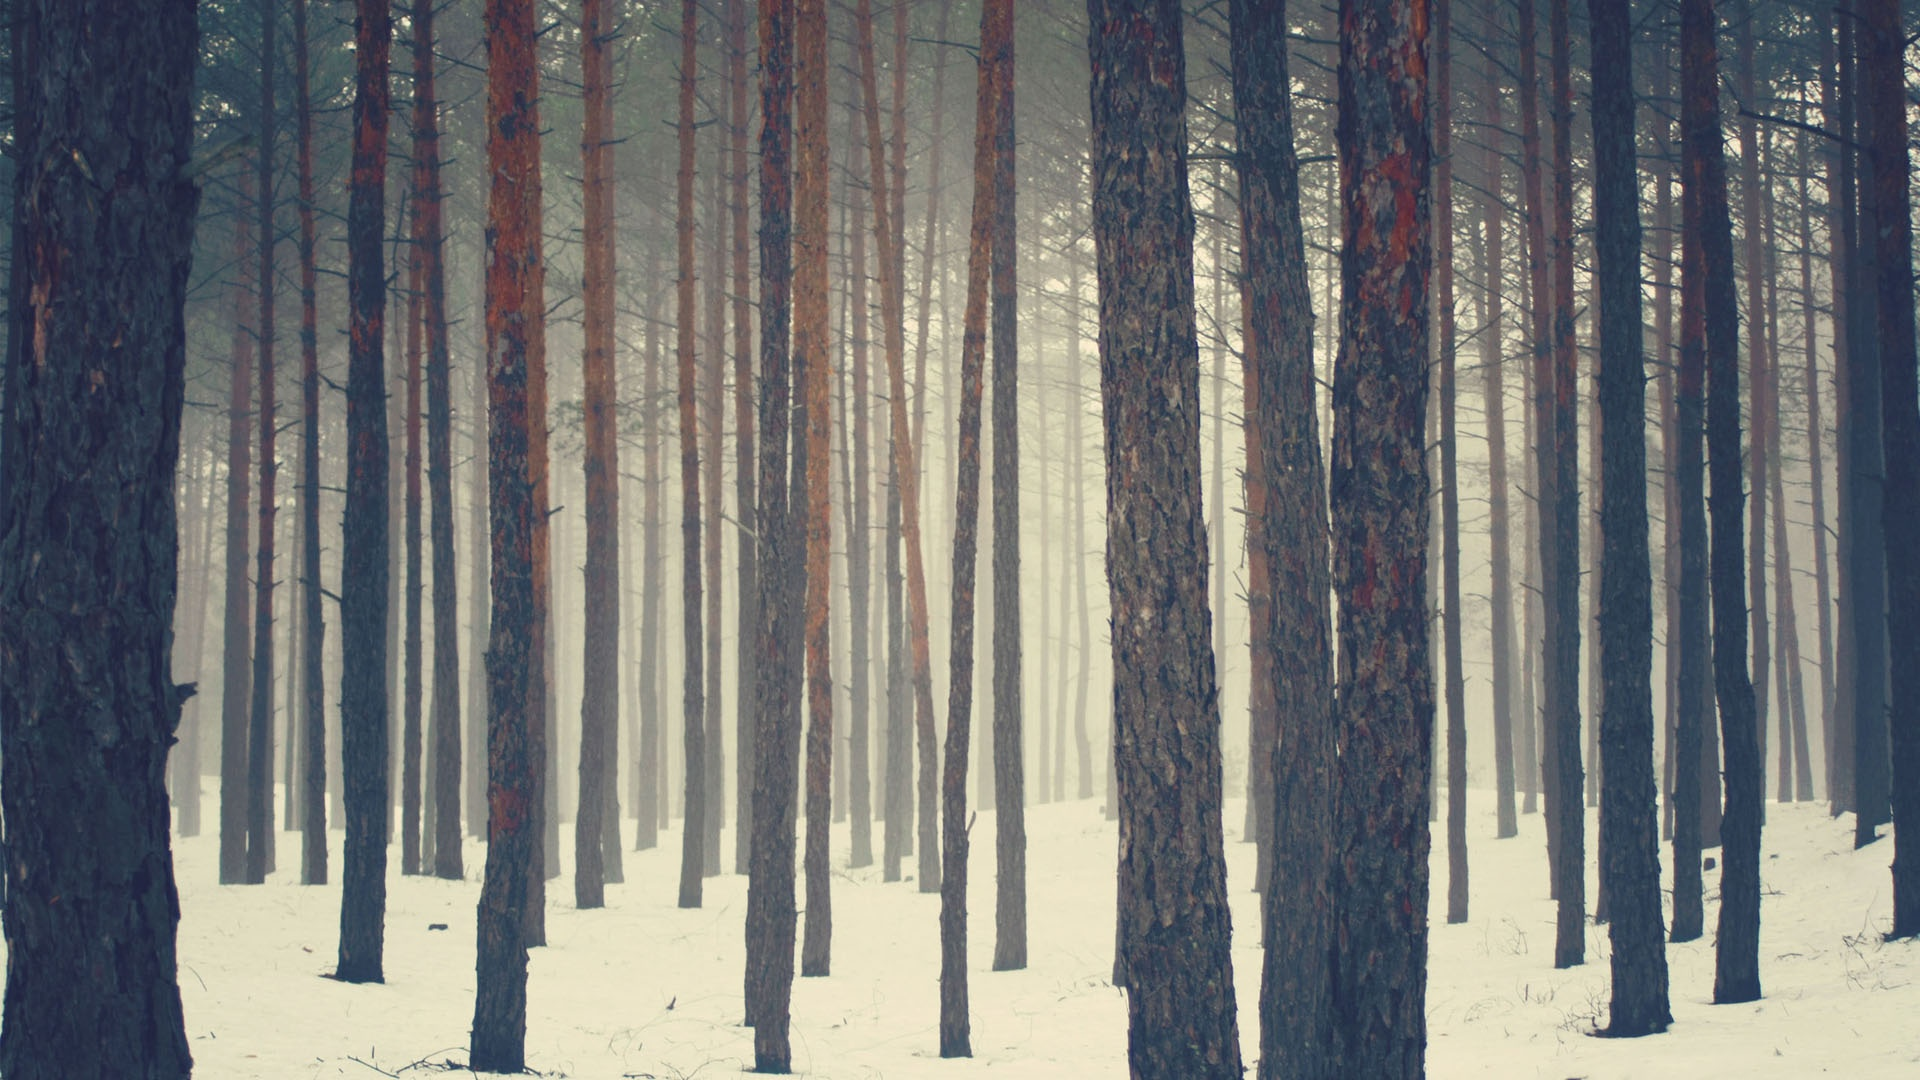 sweden wallpaper forest